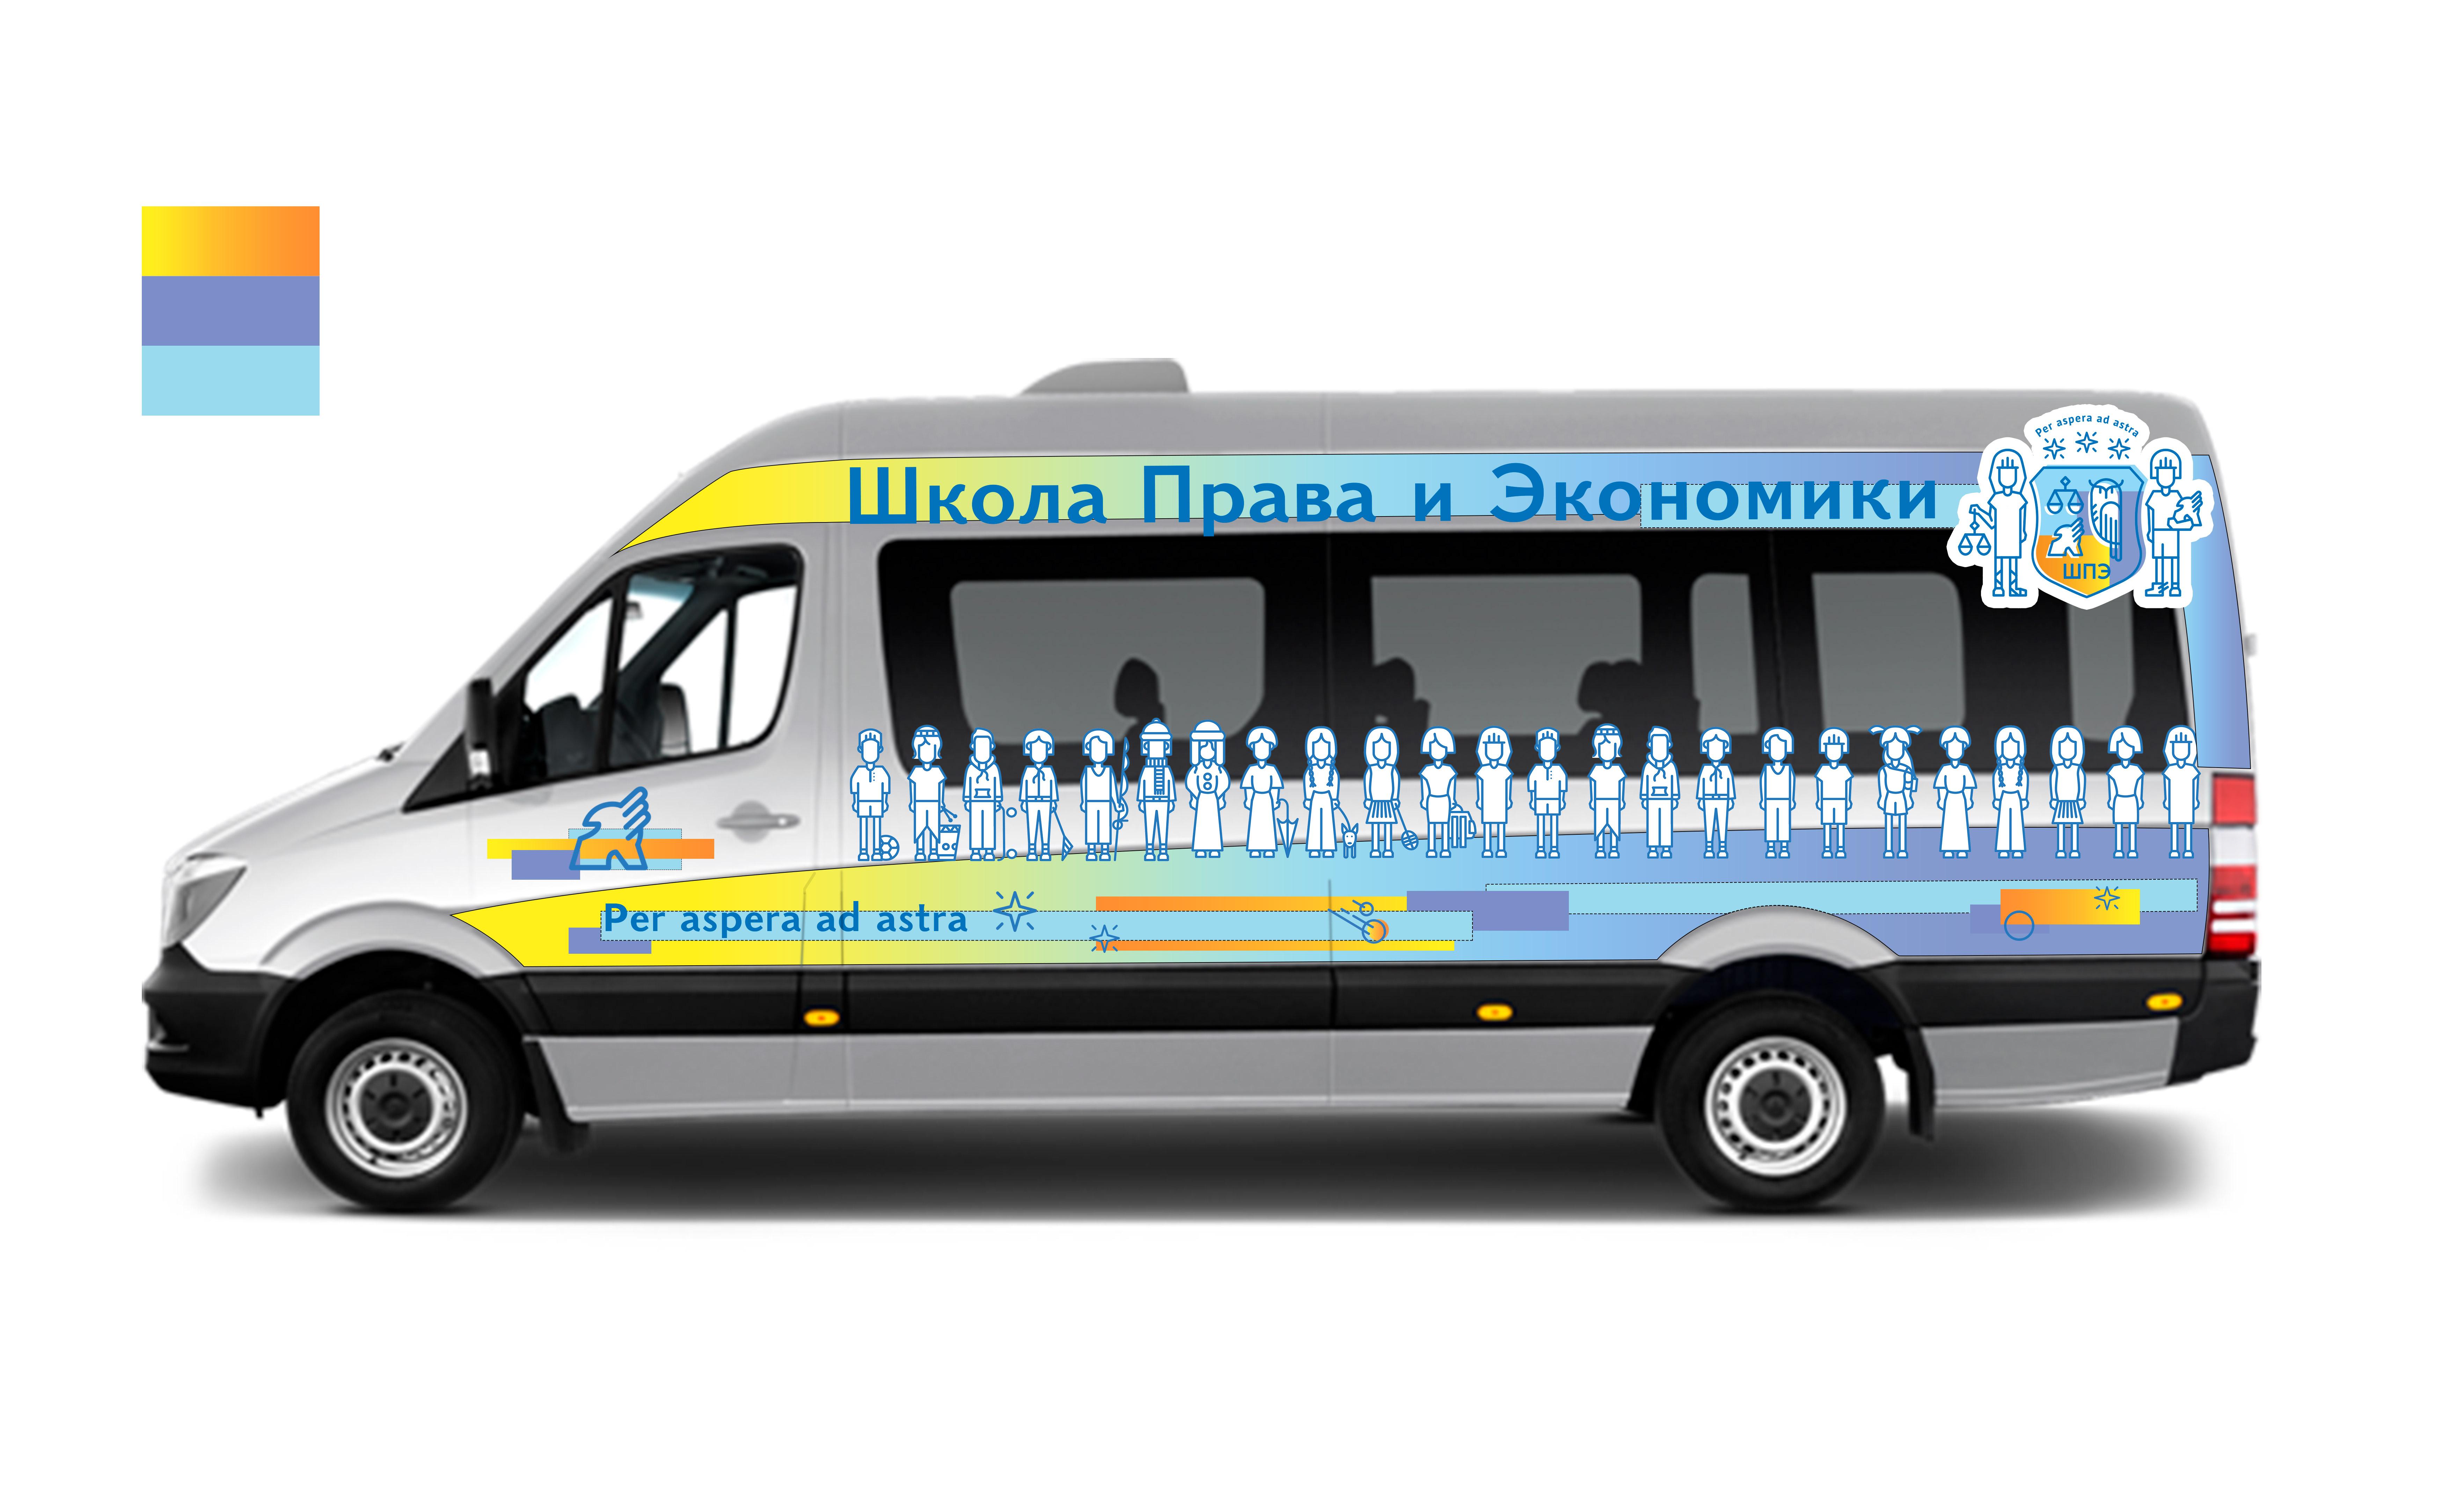 Дизайн оклейки школьного автобуса фото f_1565d017666bcfd9.jpg